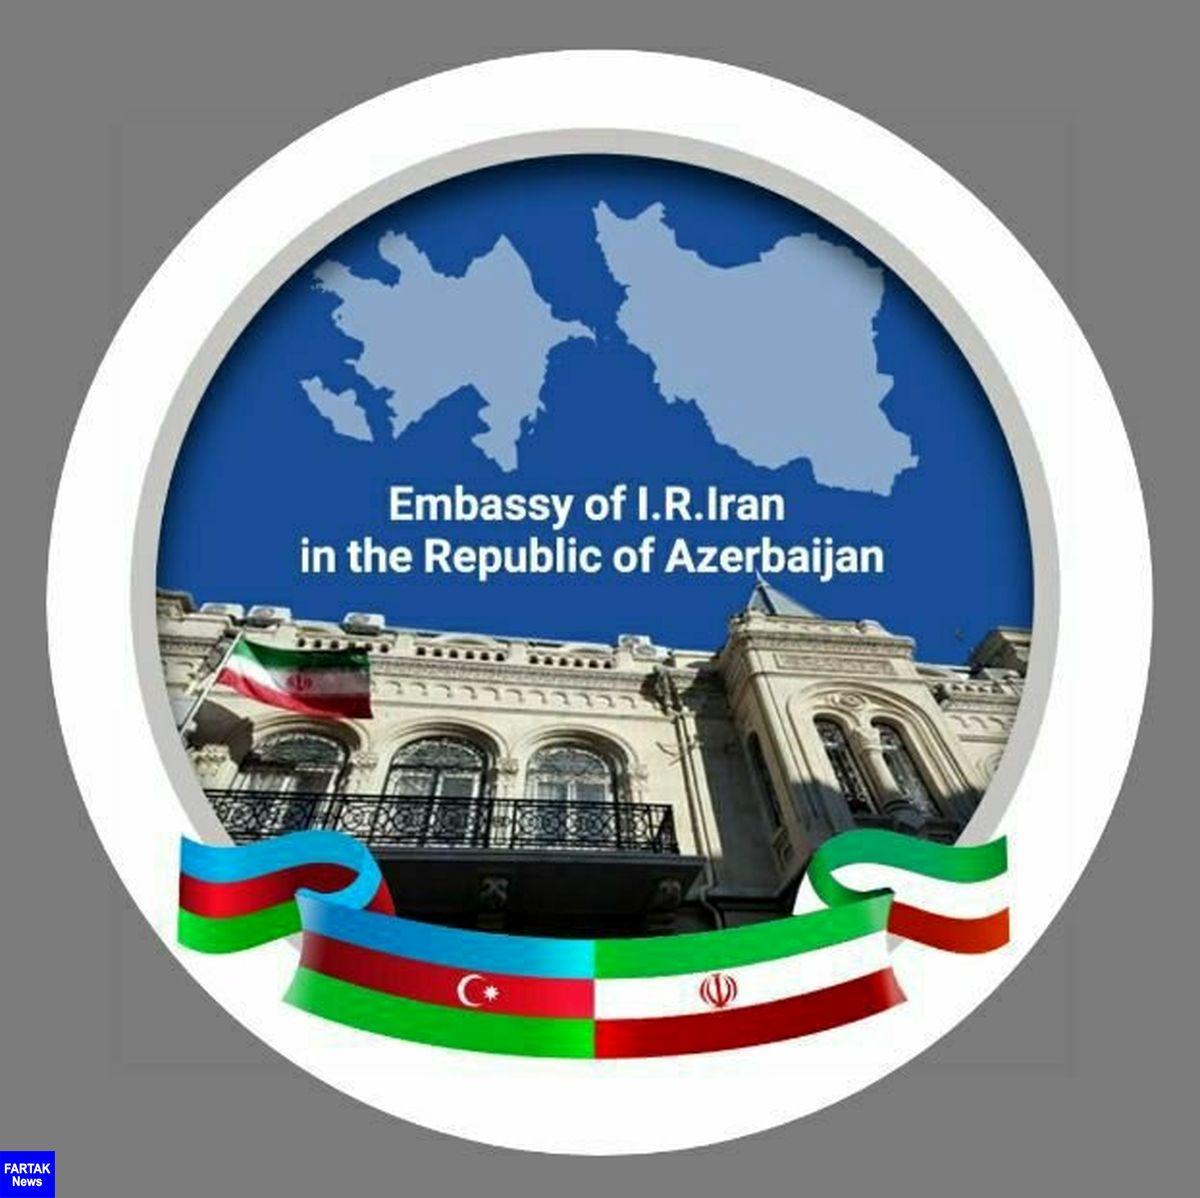 بستن دفترنمایندگی مقام معظم رهبری  در باکو صحت ندارد